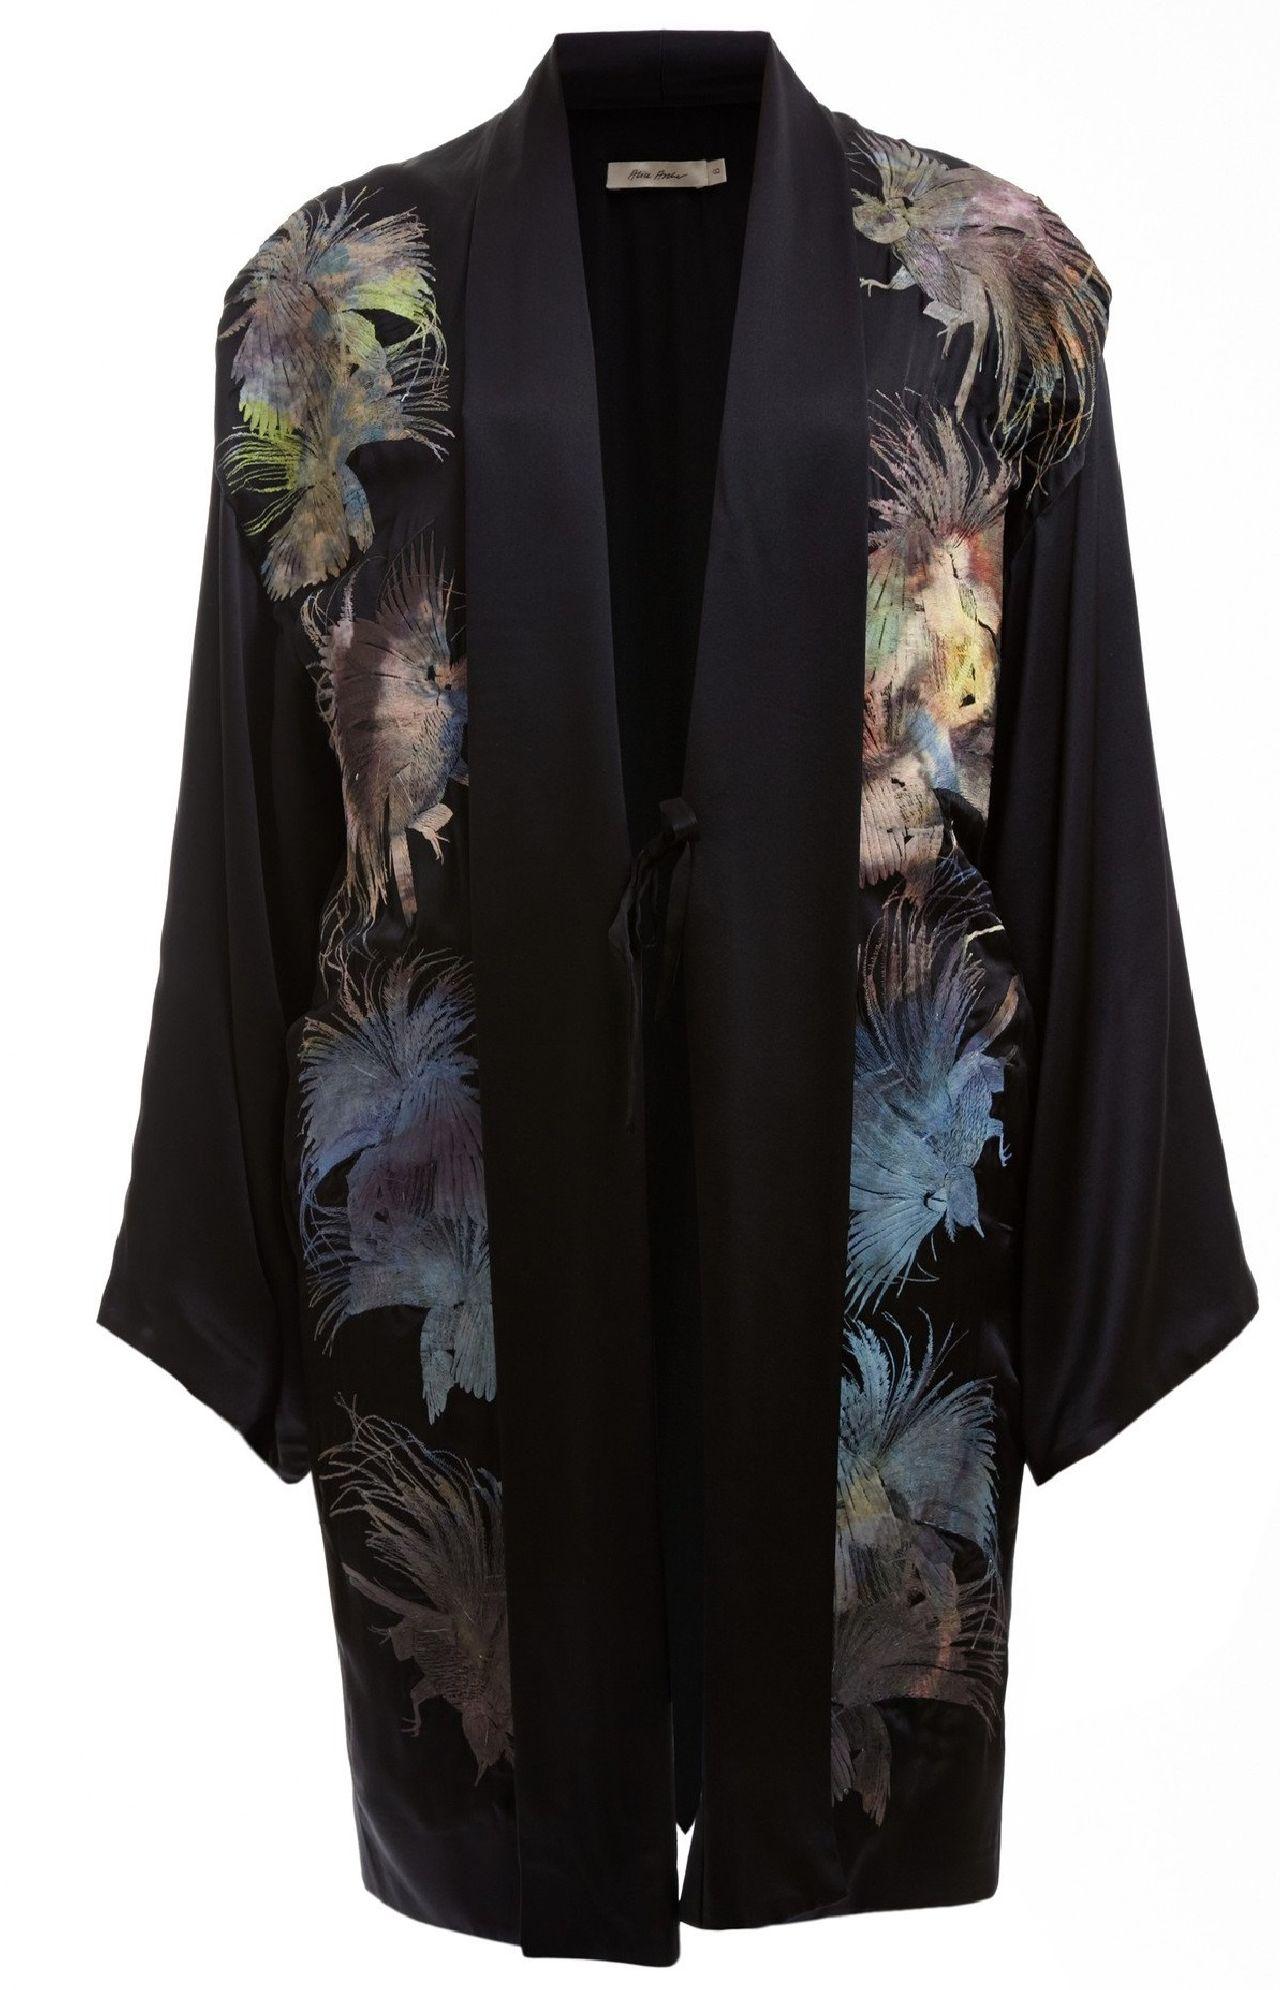 P Diddy wore this Alice Archer designed Kimono